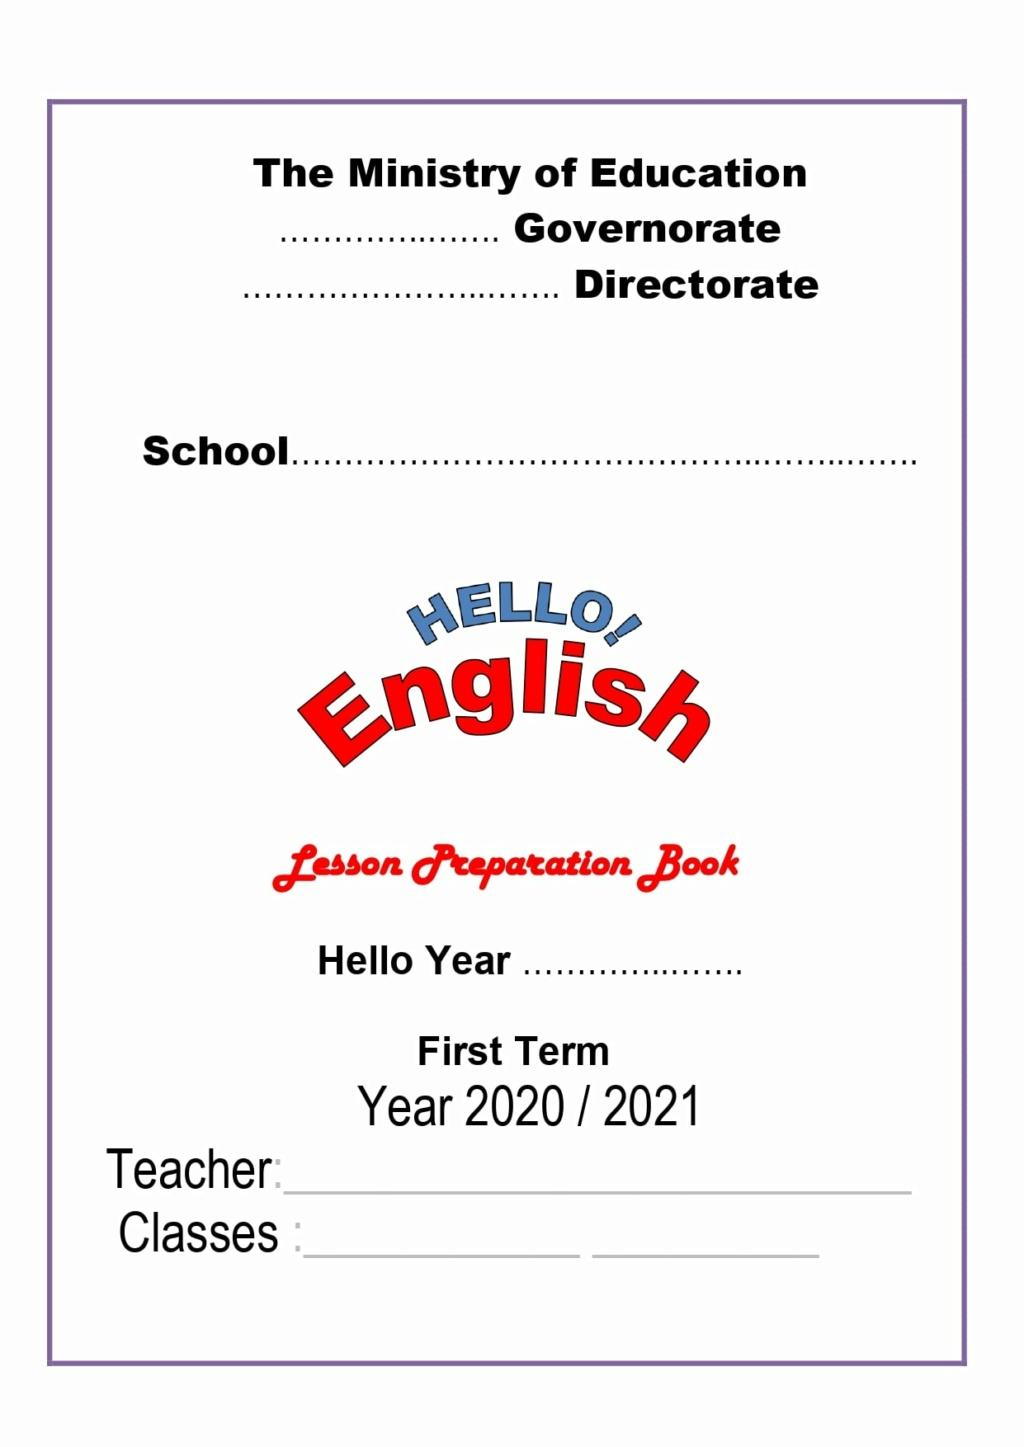 دفتر تحضير اللغة الانجليزية للمرحلة الثانوية 2021  12159010